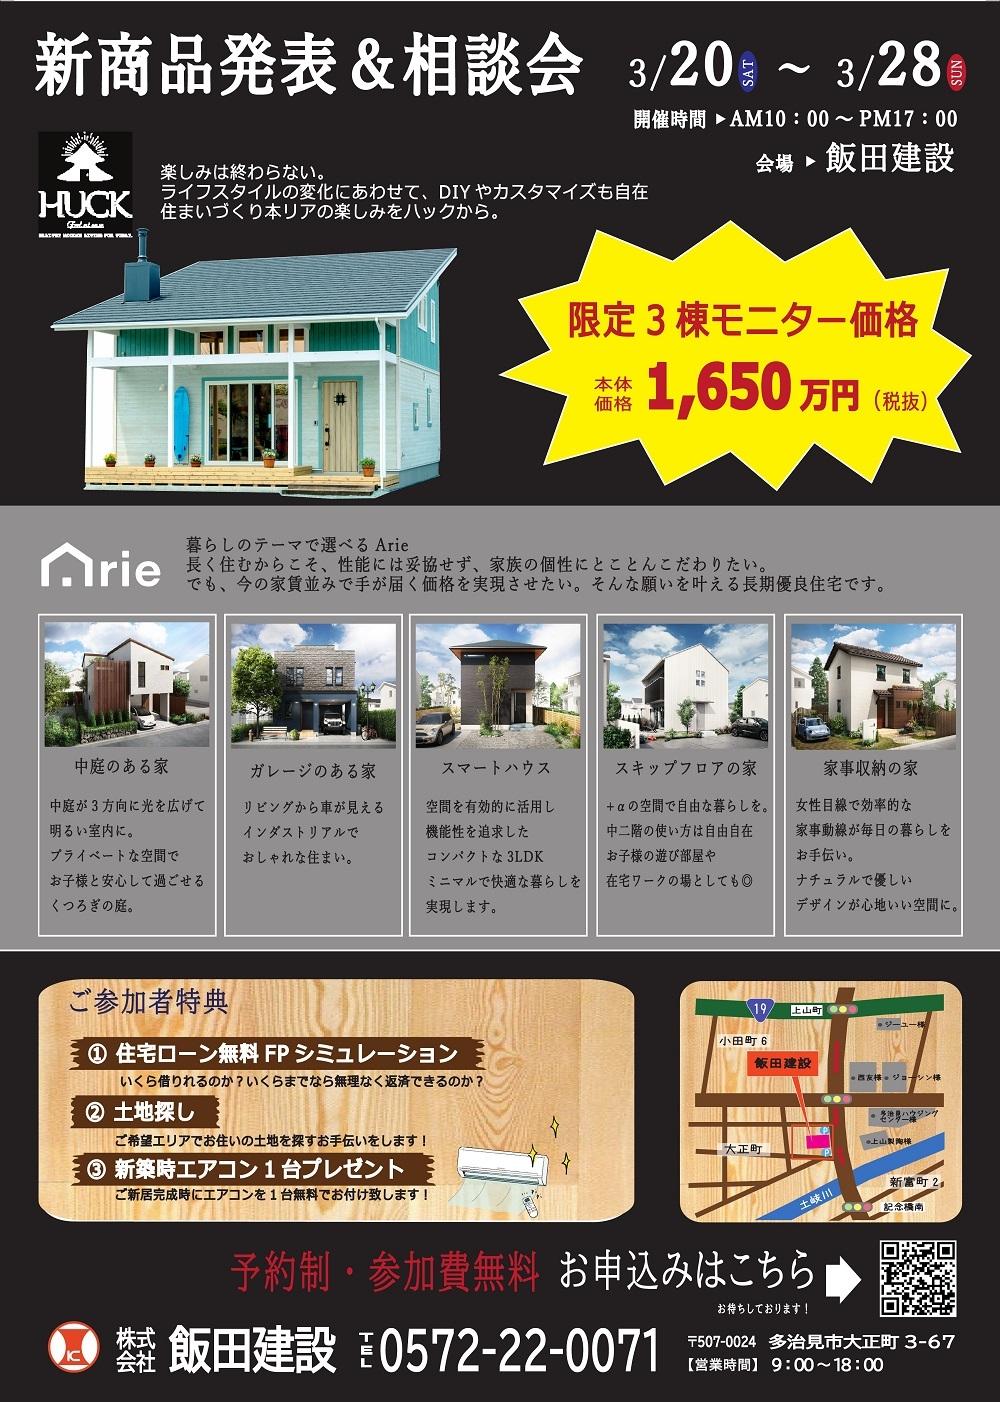 新商品発表会0320-0328.jpg